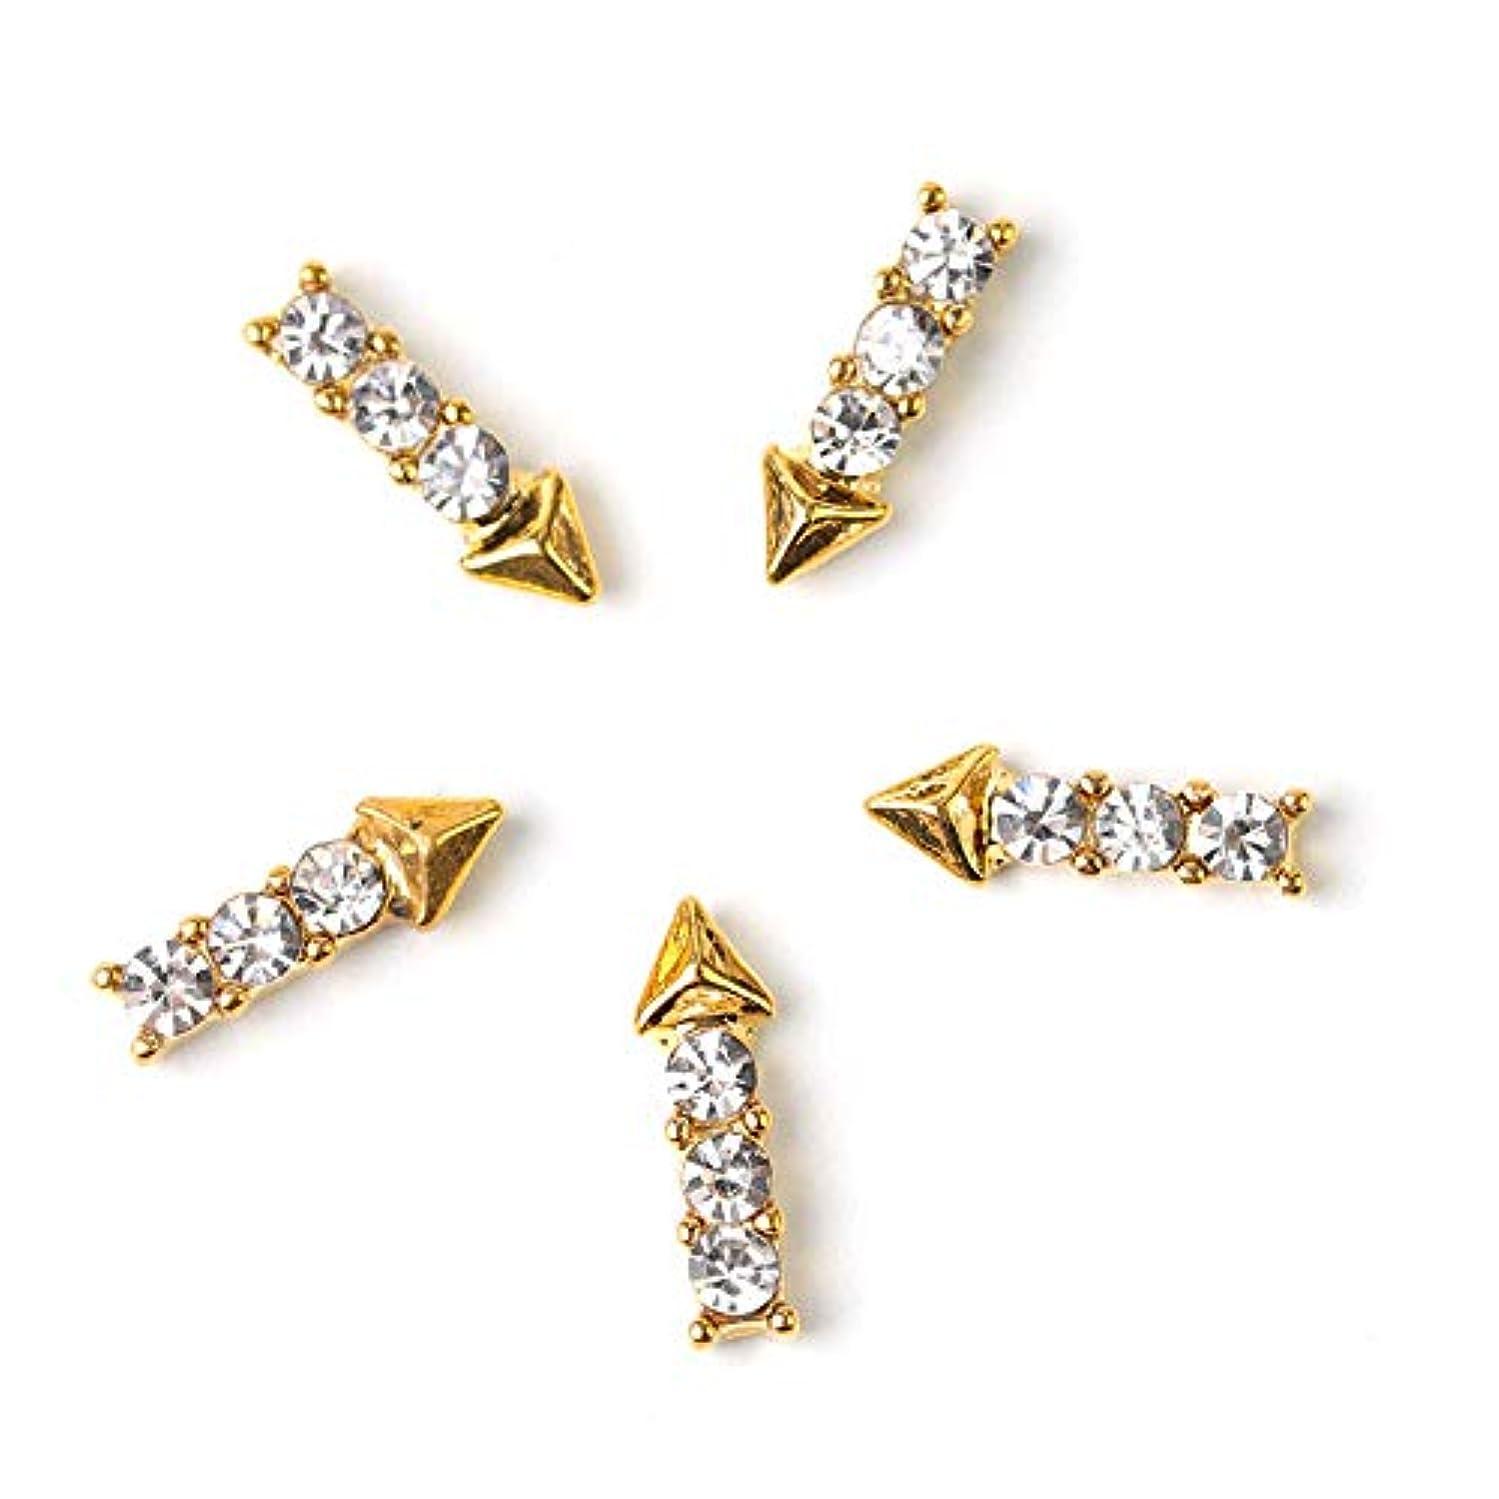 ピアニストセブン詩人ネイルアートの装飾デザインの魅力のための10枚DIY 3Dムーン宝石ラインストーン合金マニキュアのジュエリーアクセサリー